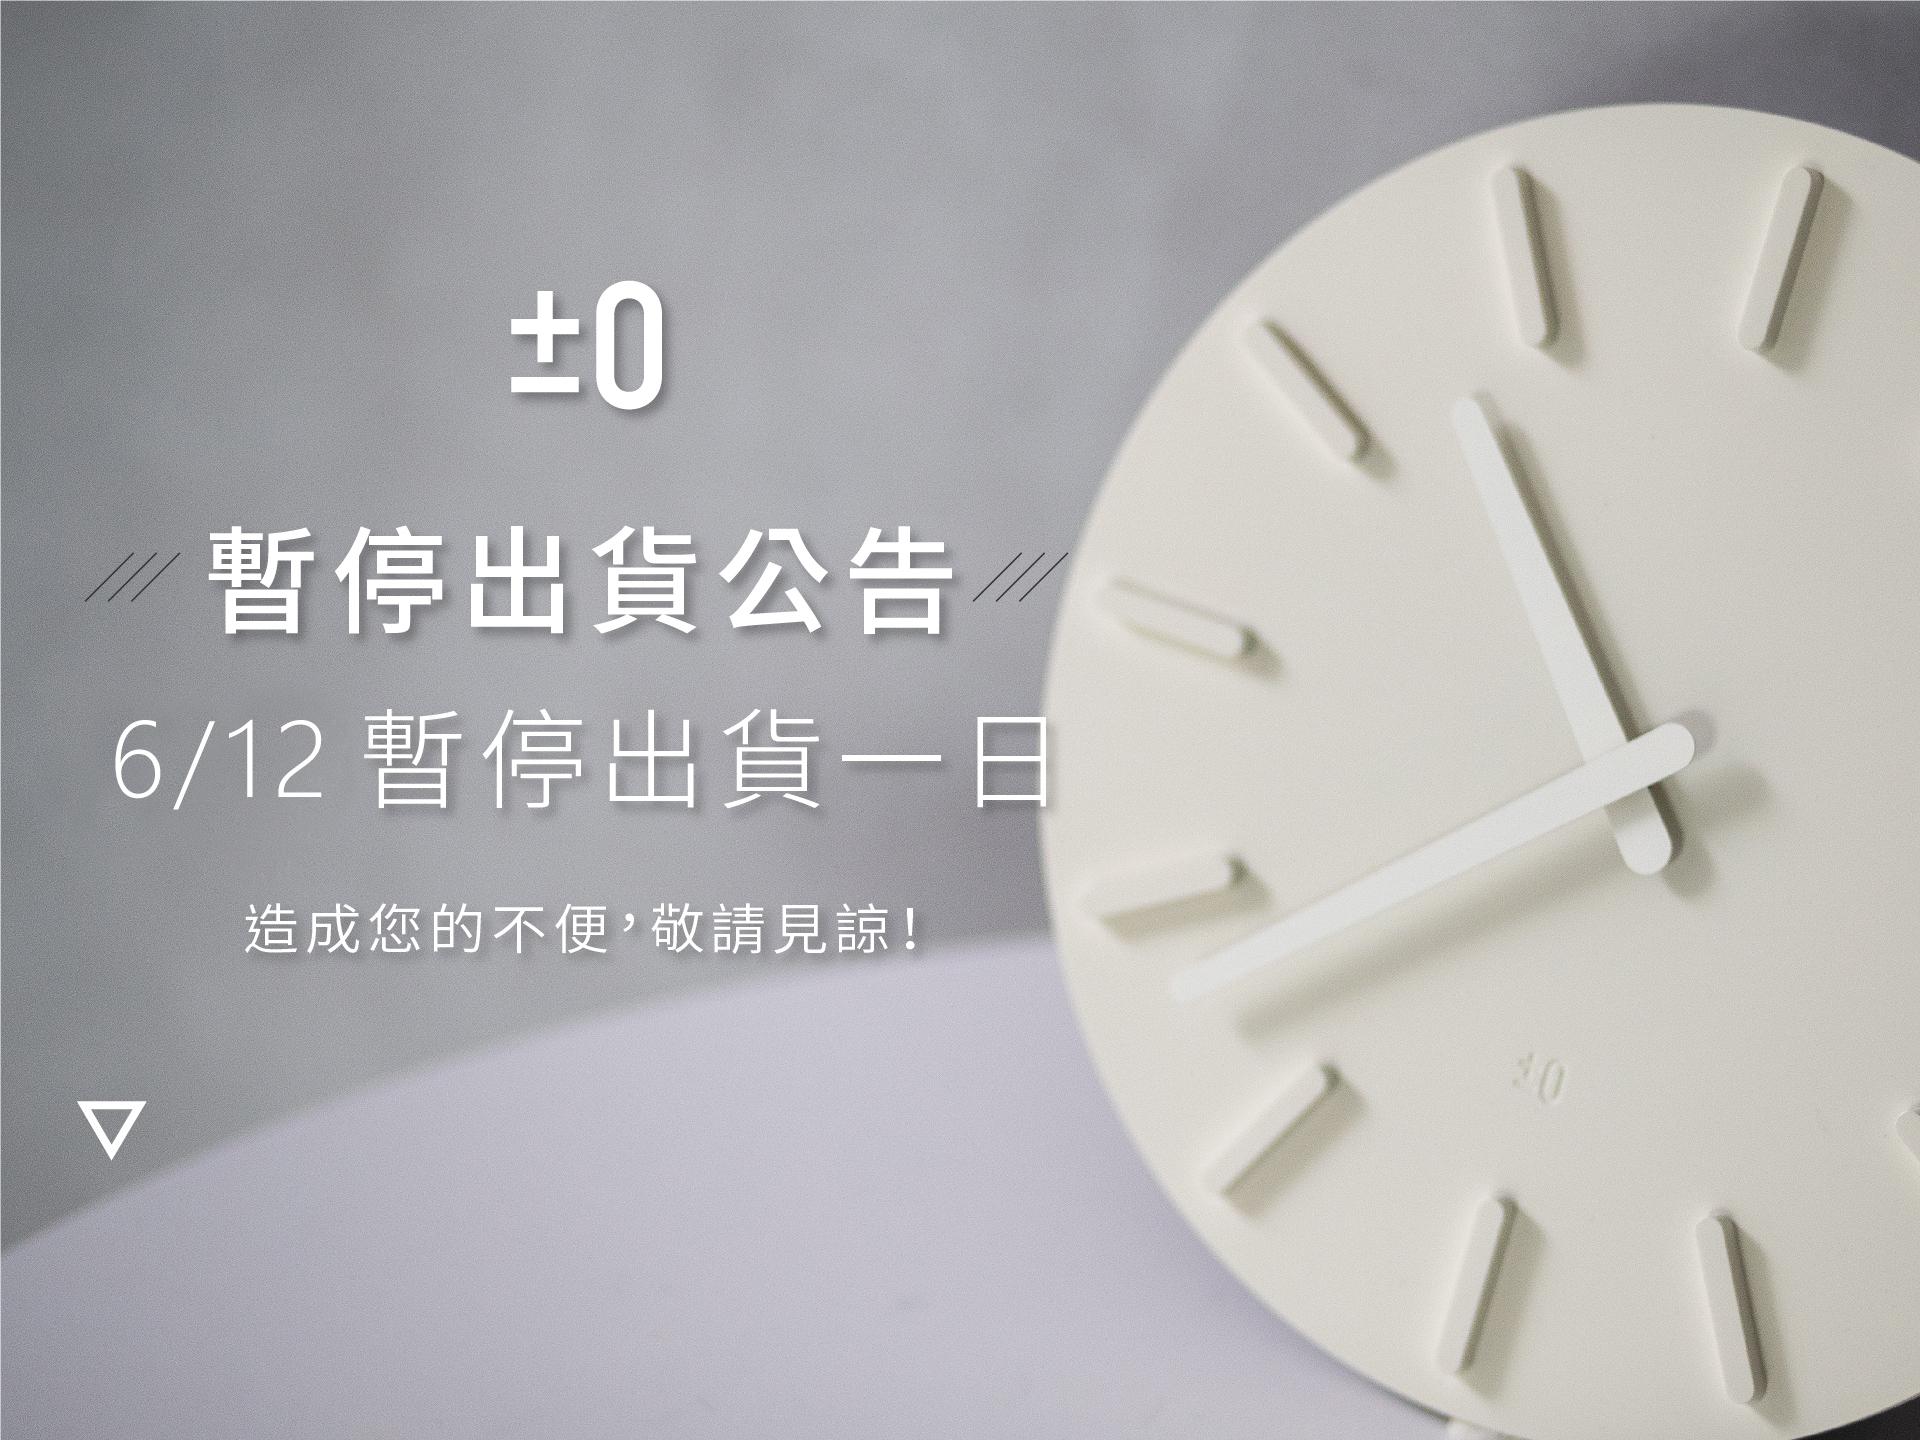 【重要訊息】總部搬遷 6/12暫停出貨與暫停客服服務